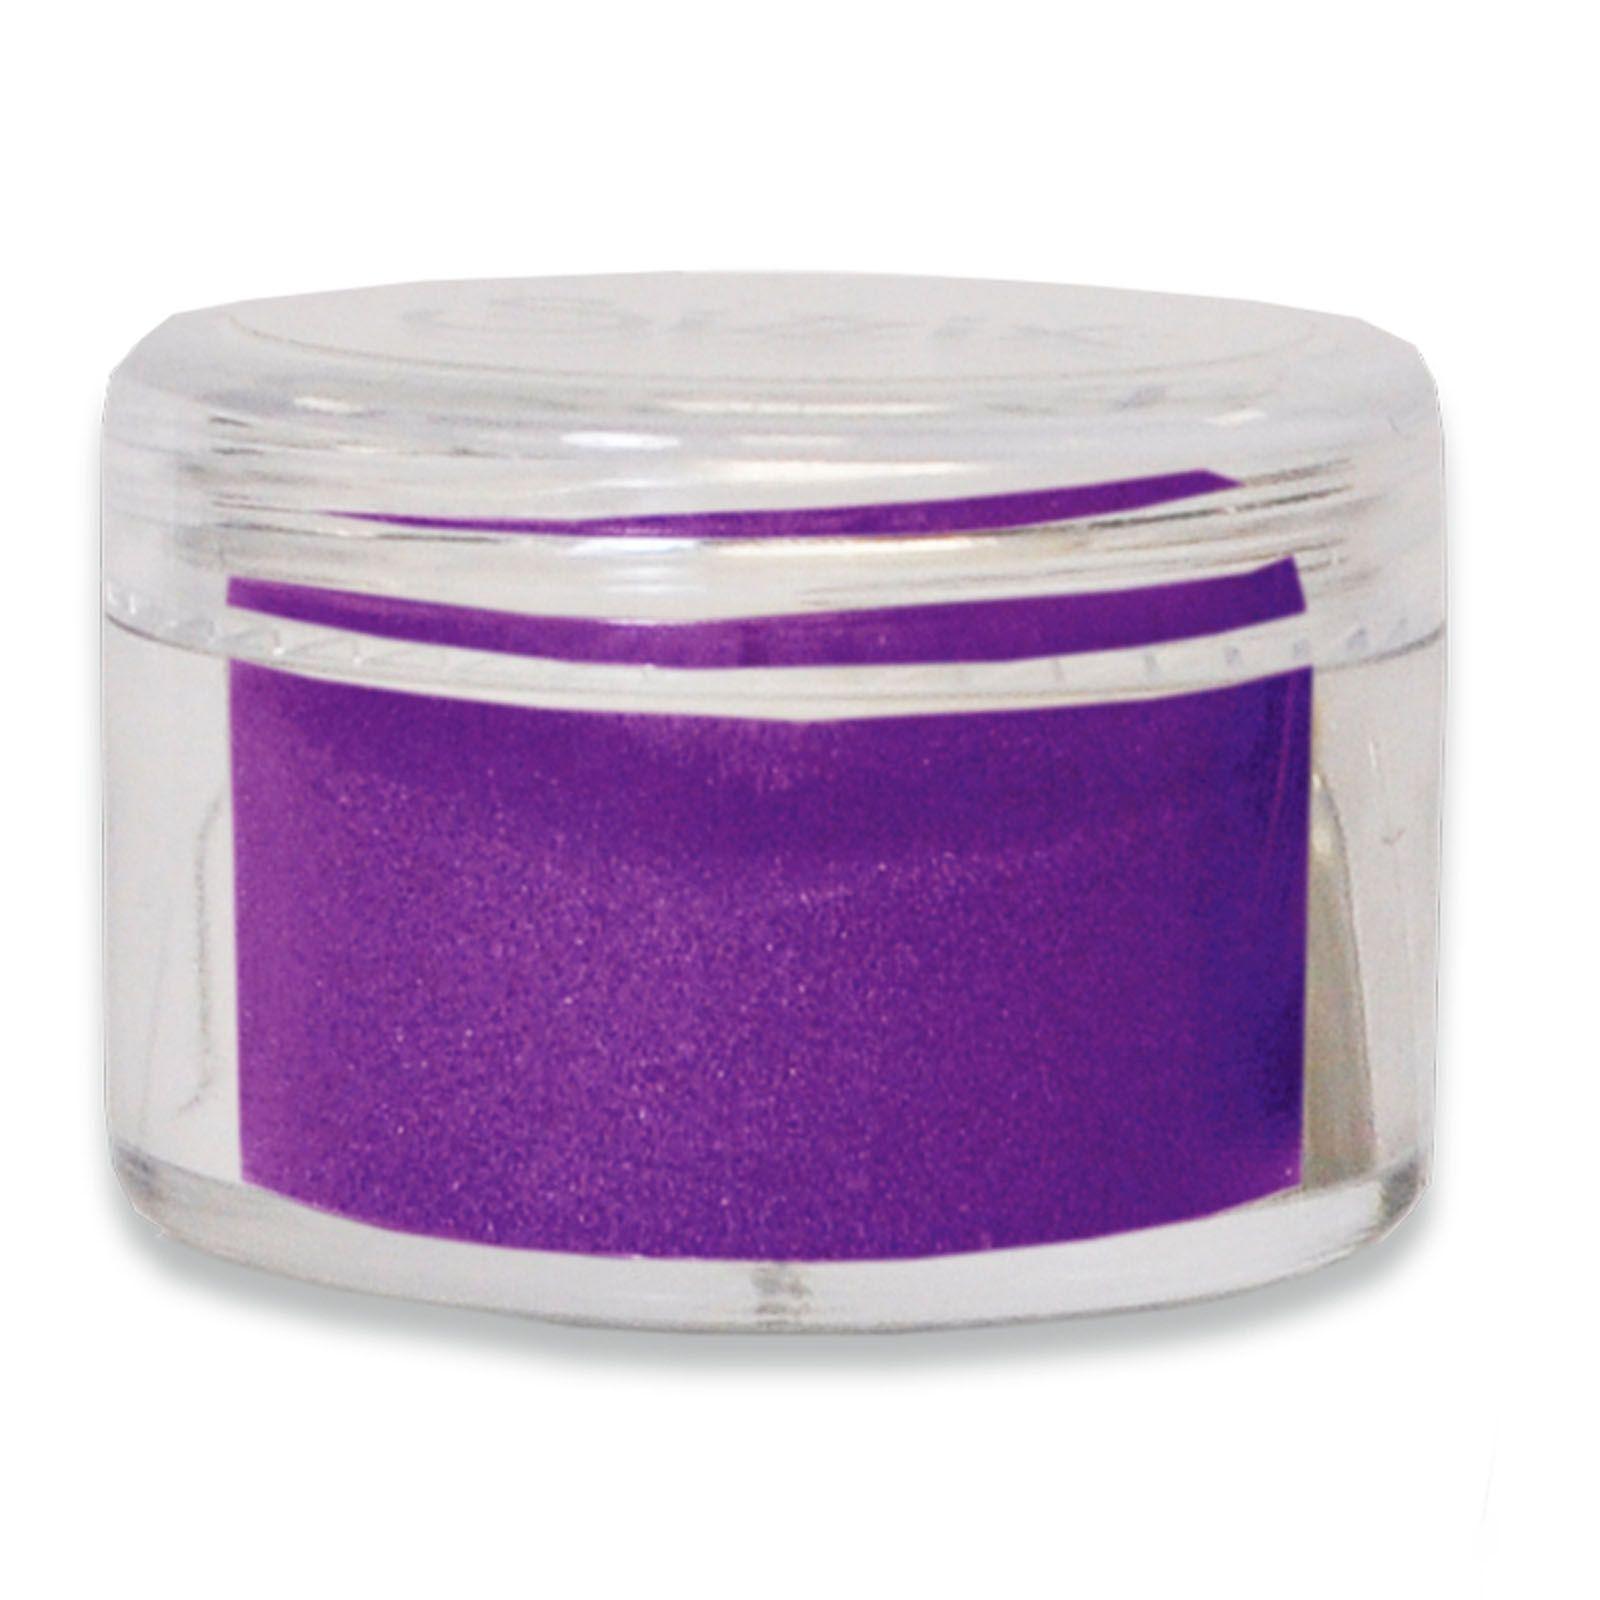 Poudre à embosser opaque 12 g - Coloris Purple Dusk